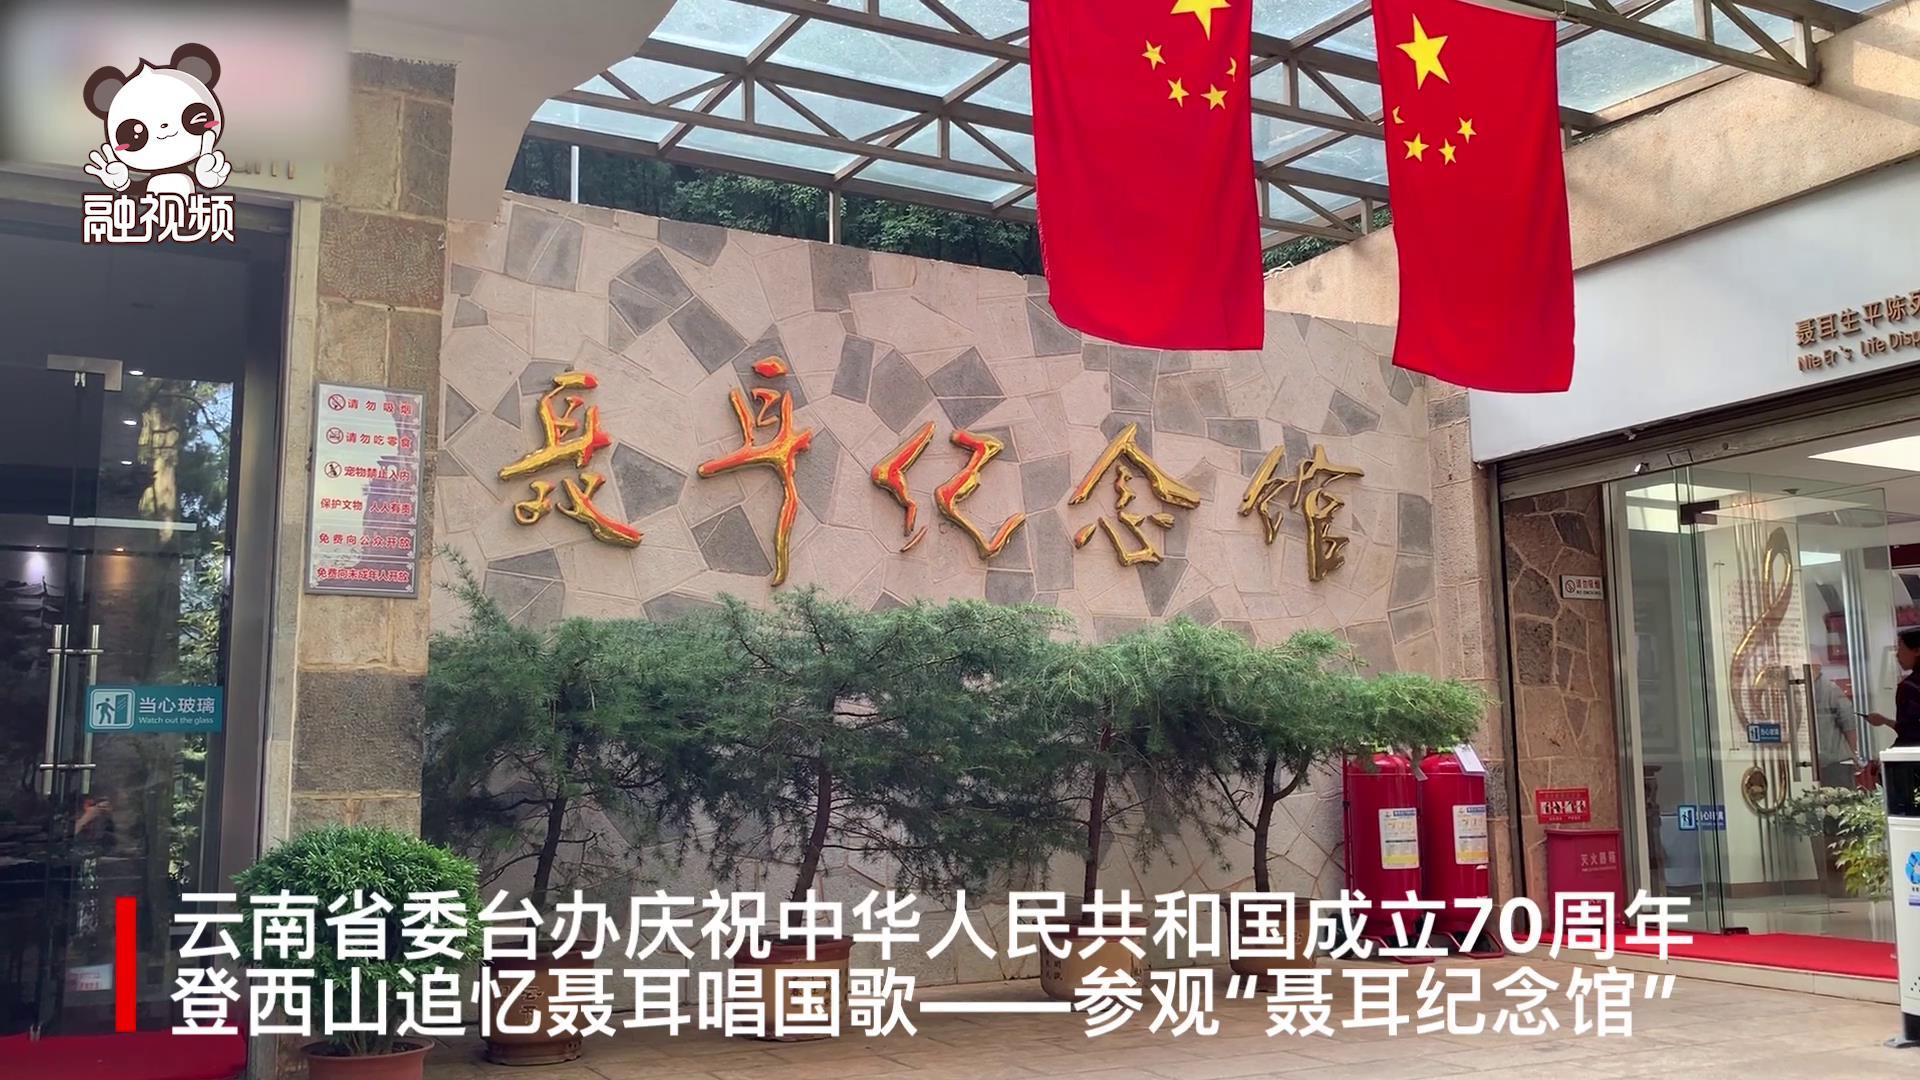 云南省委台办庆祝中华人民共和国成立70周年登西山追忆聂耳唱国歌图片